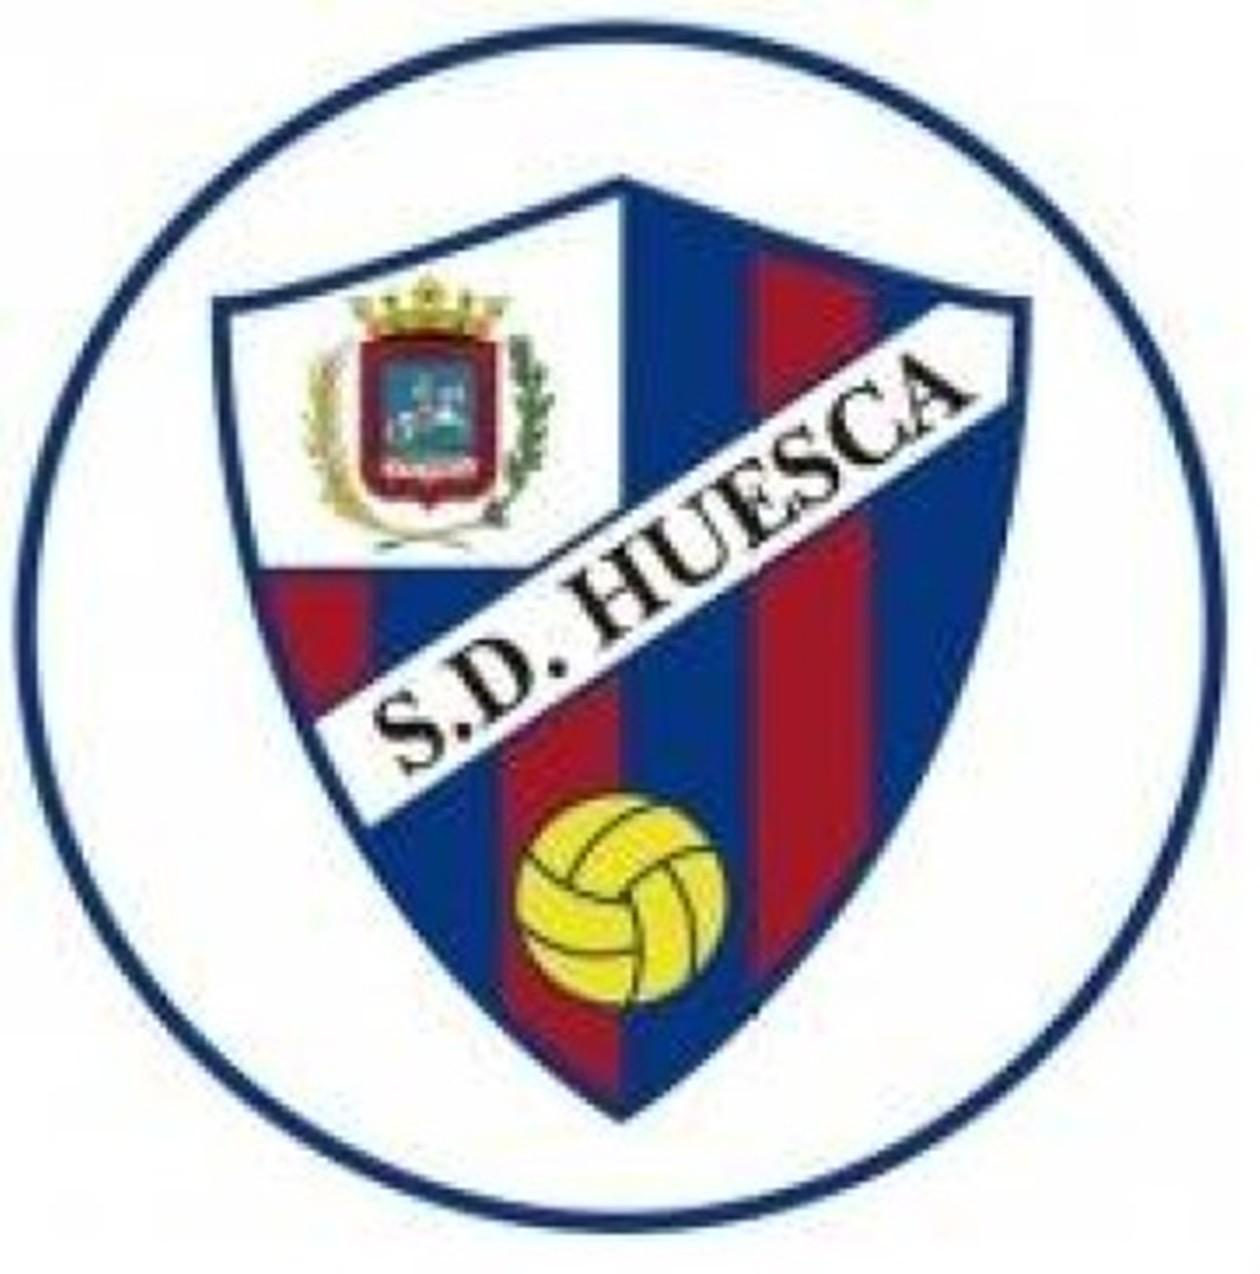 Spanish League: Hosca from Sociadad on the home ground